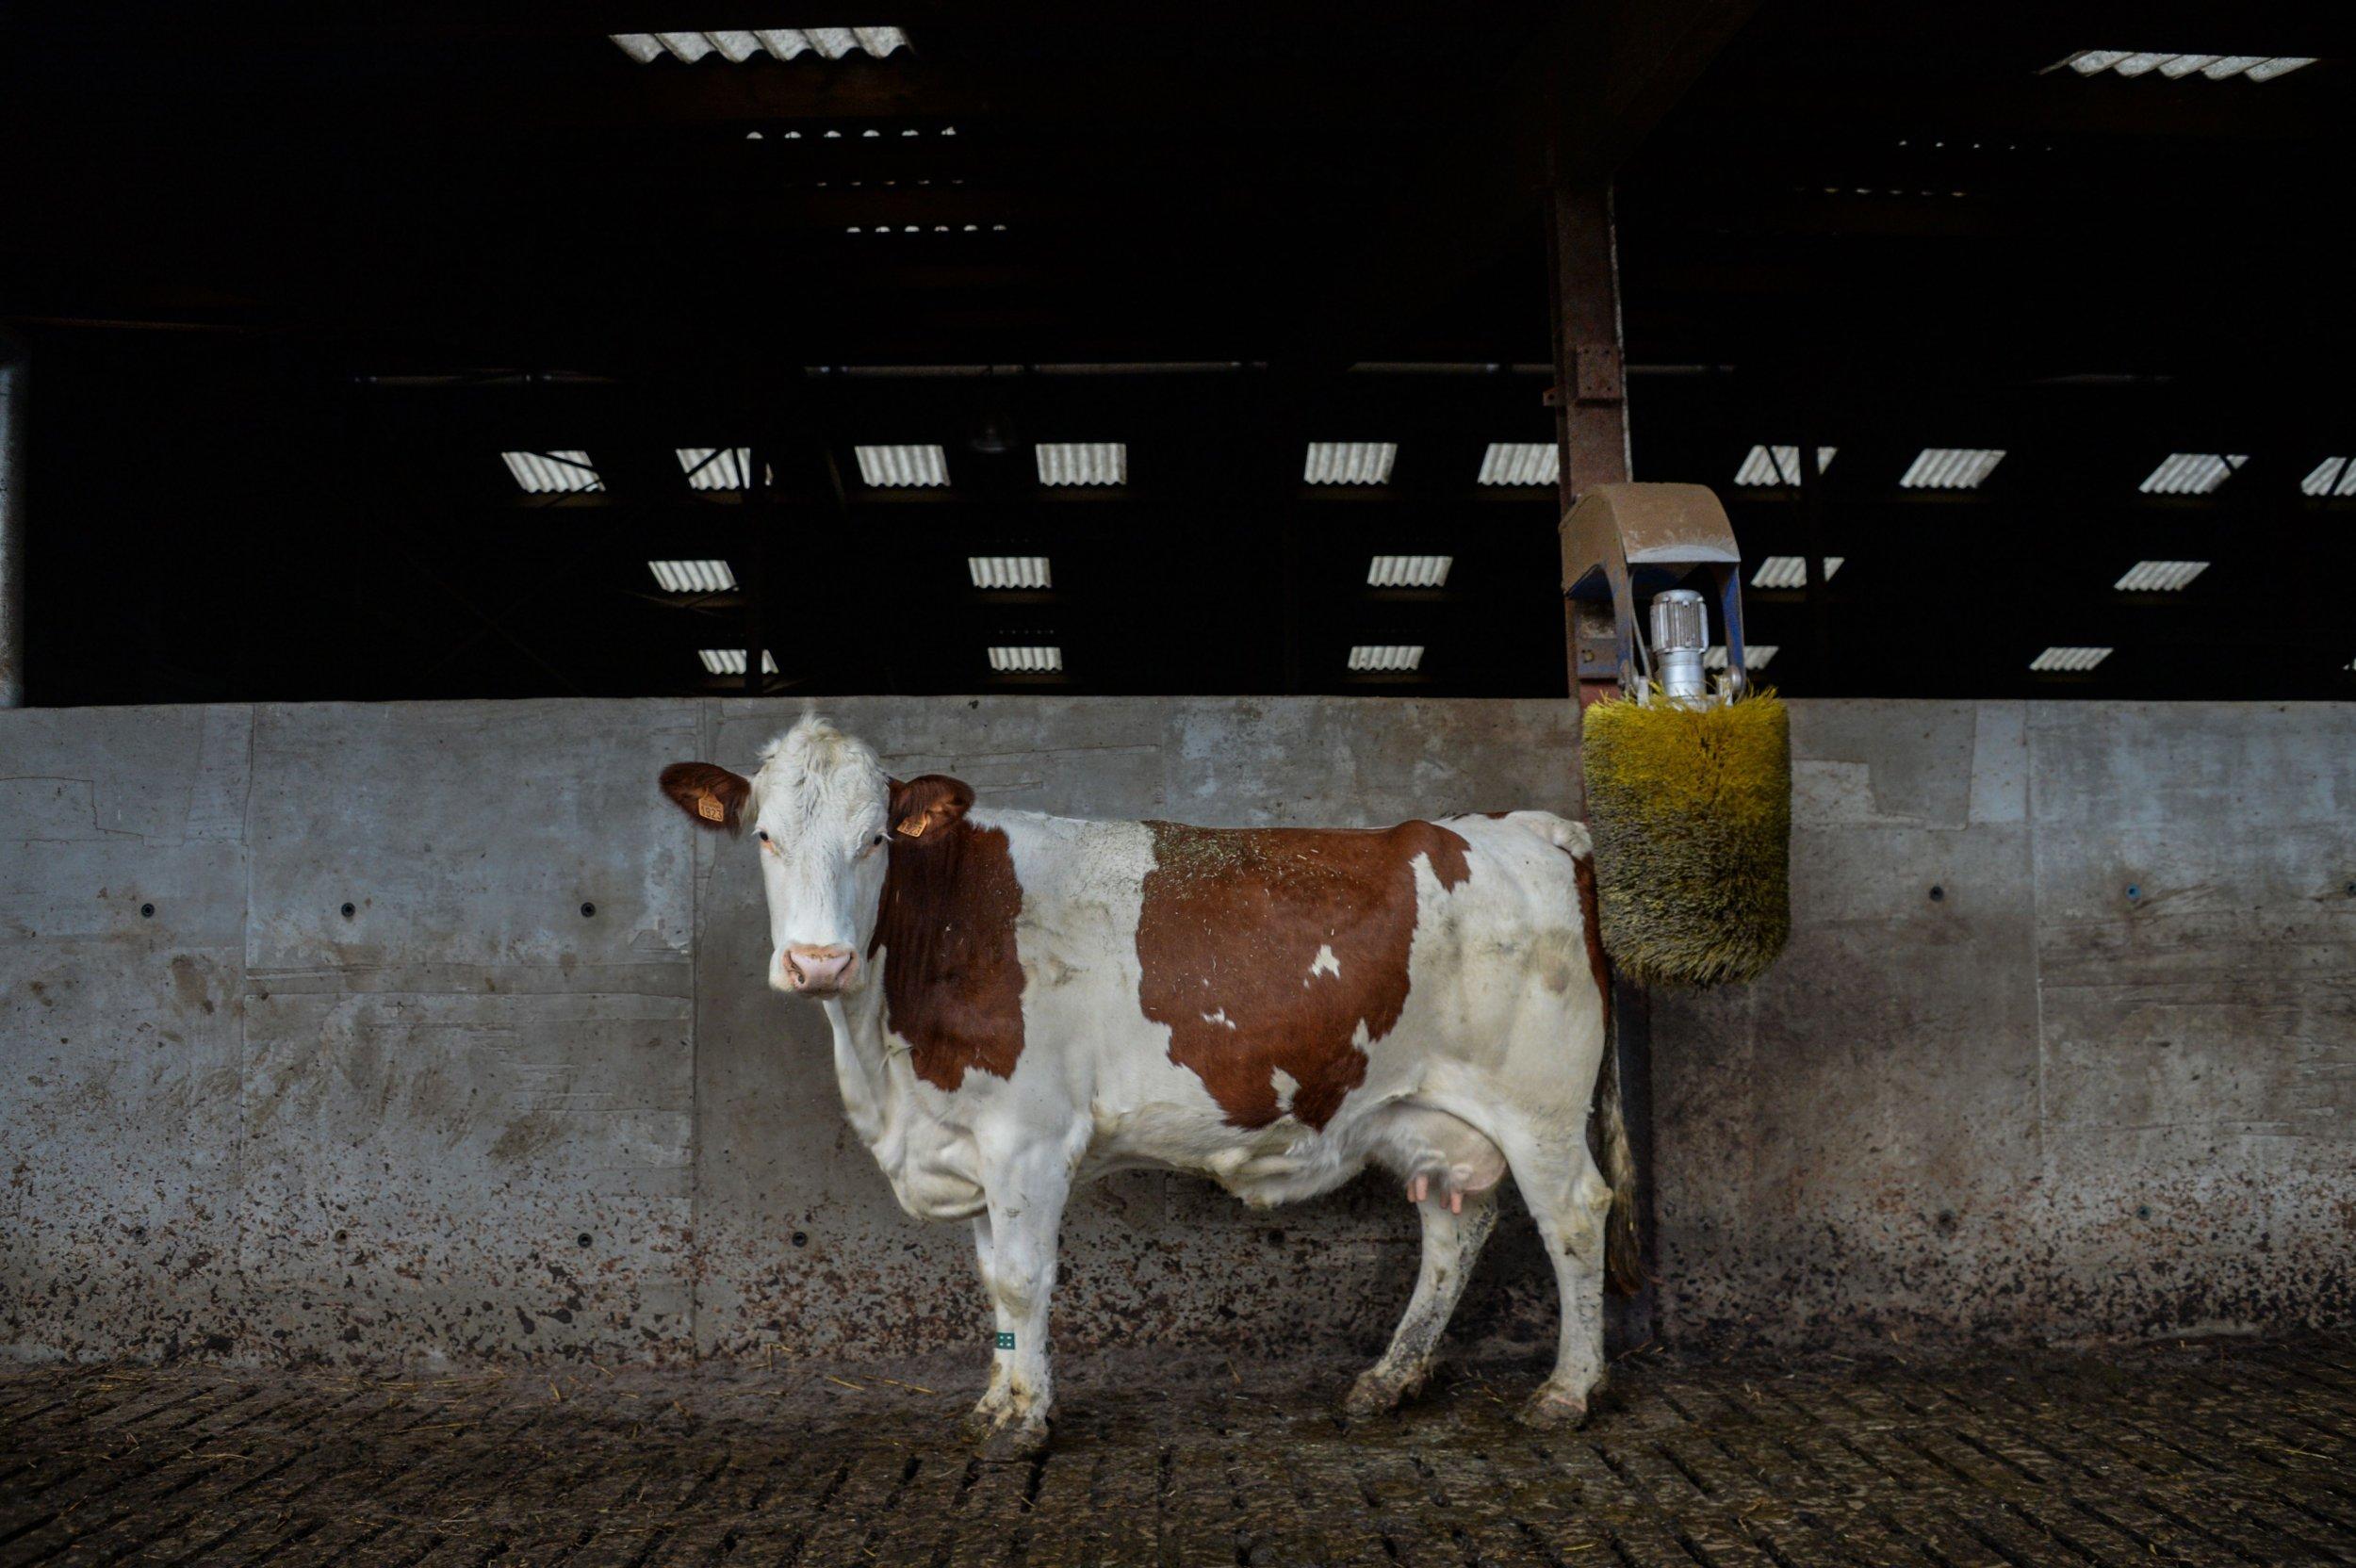 Cow calcium